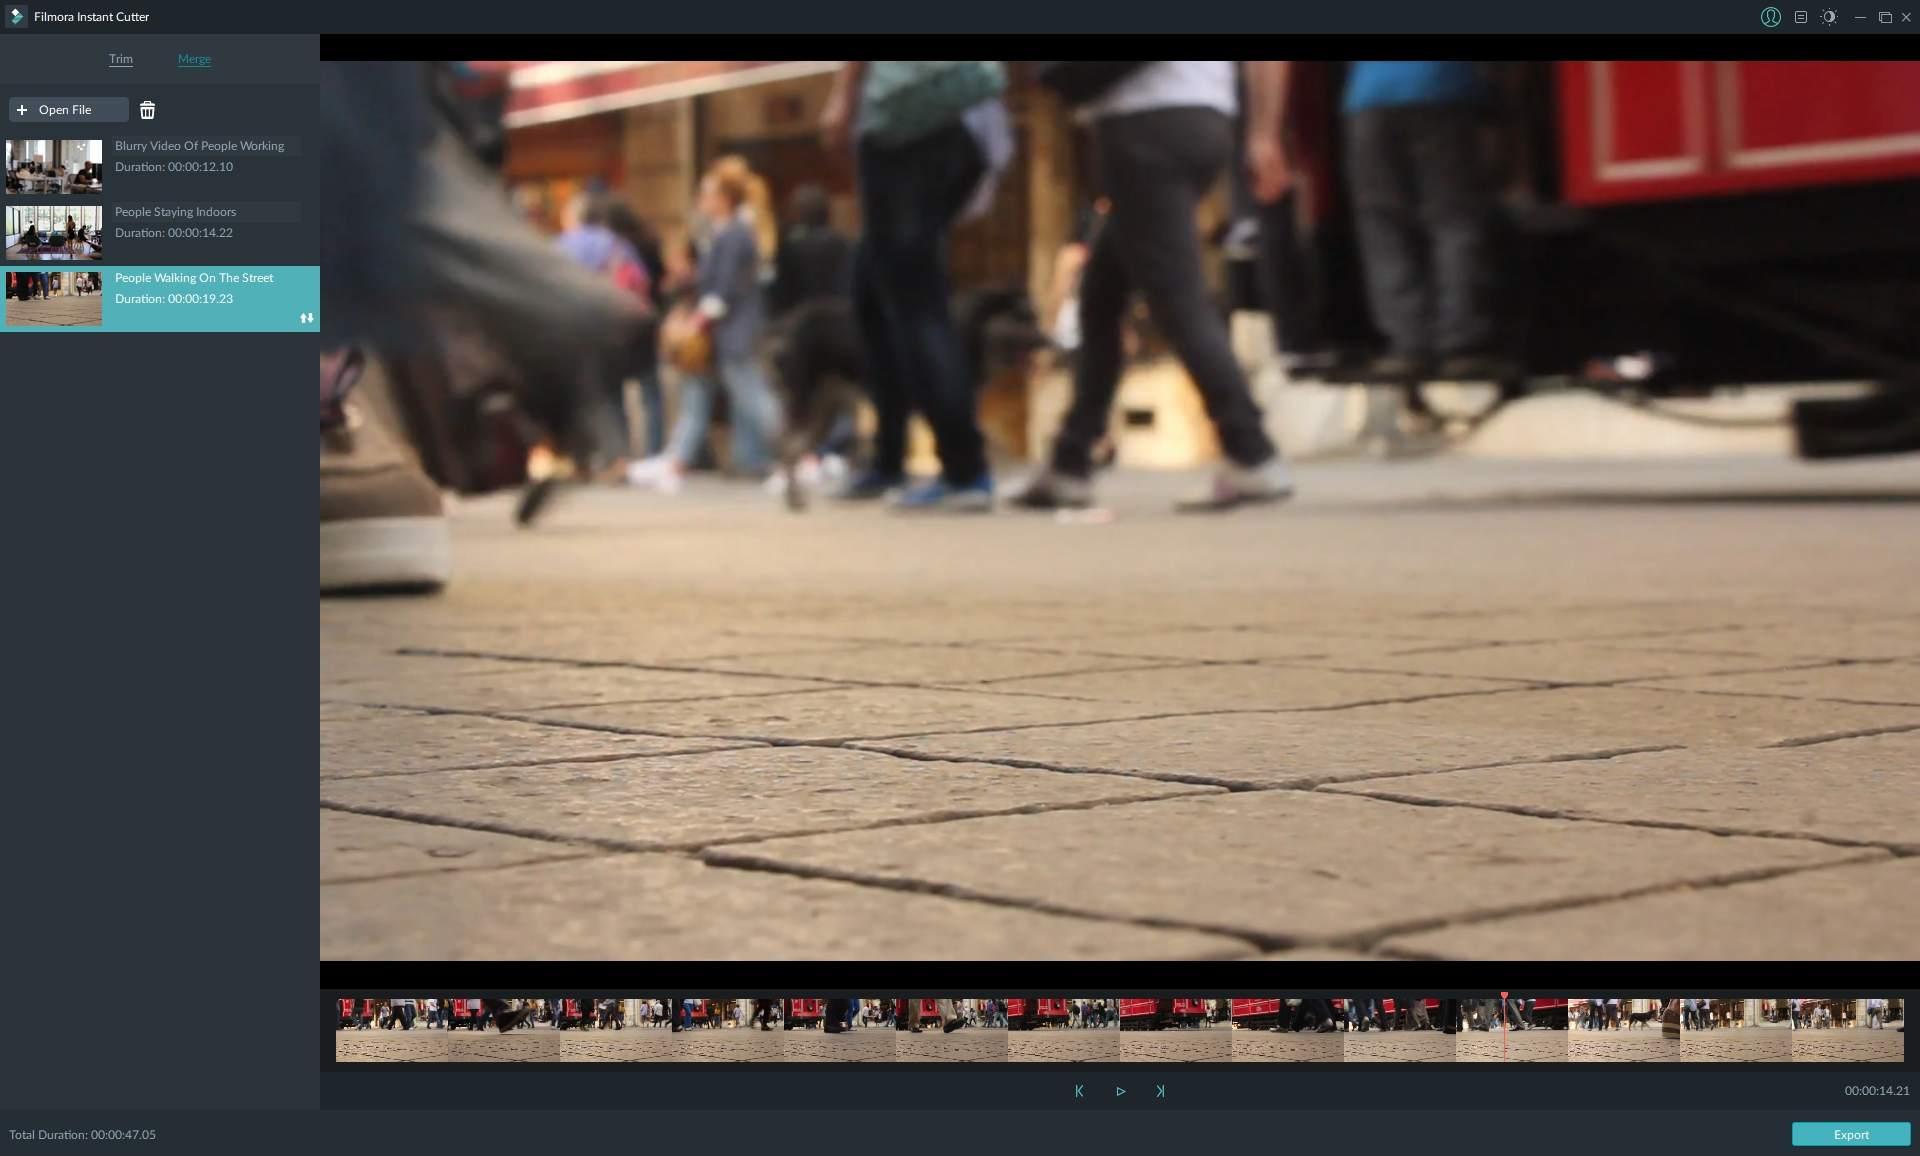 Screenshot of Filmora Instant Cutter video merging interface